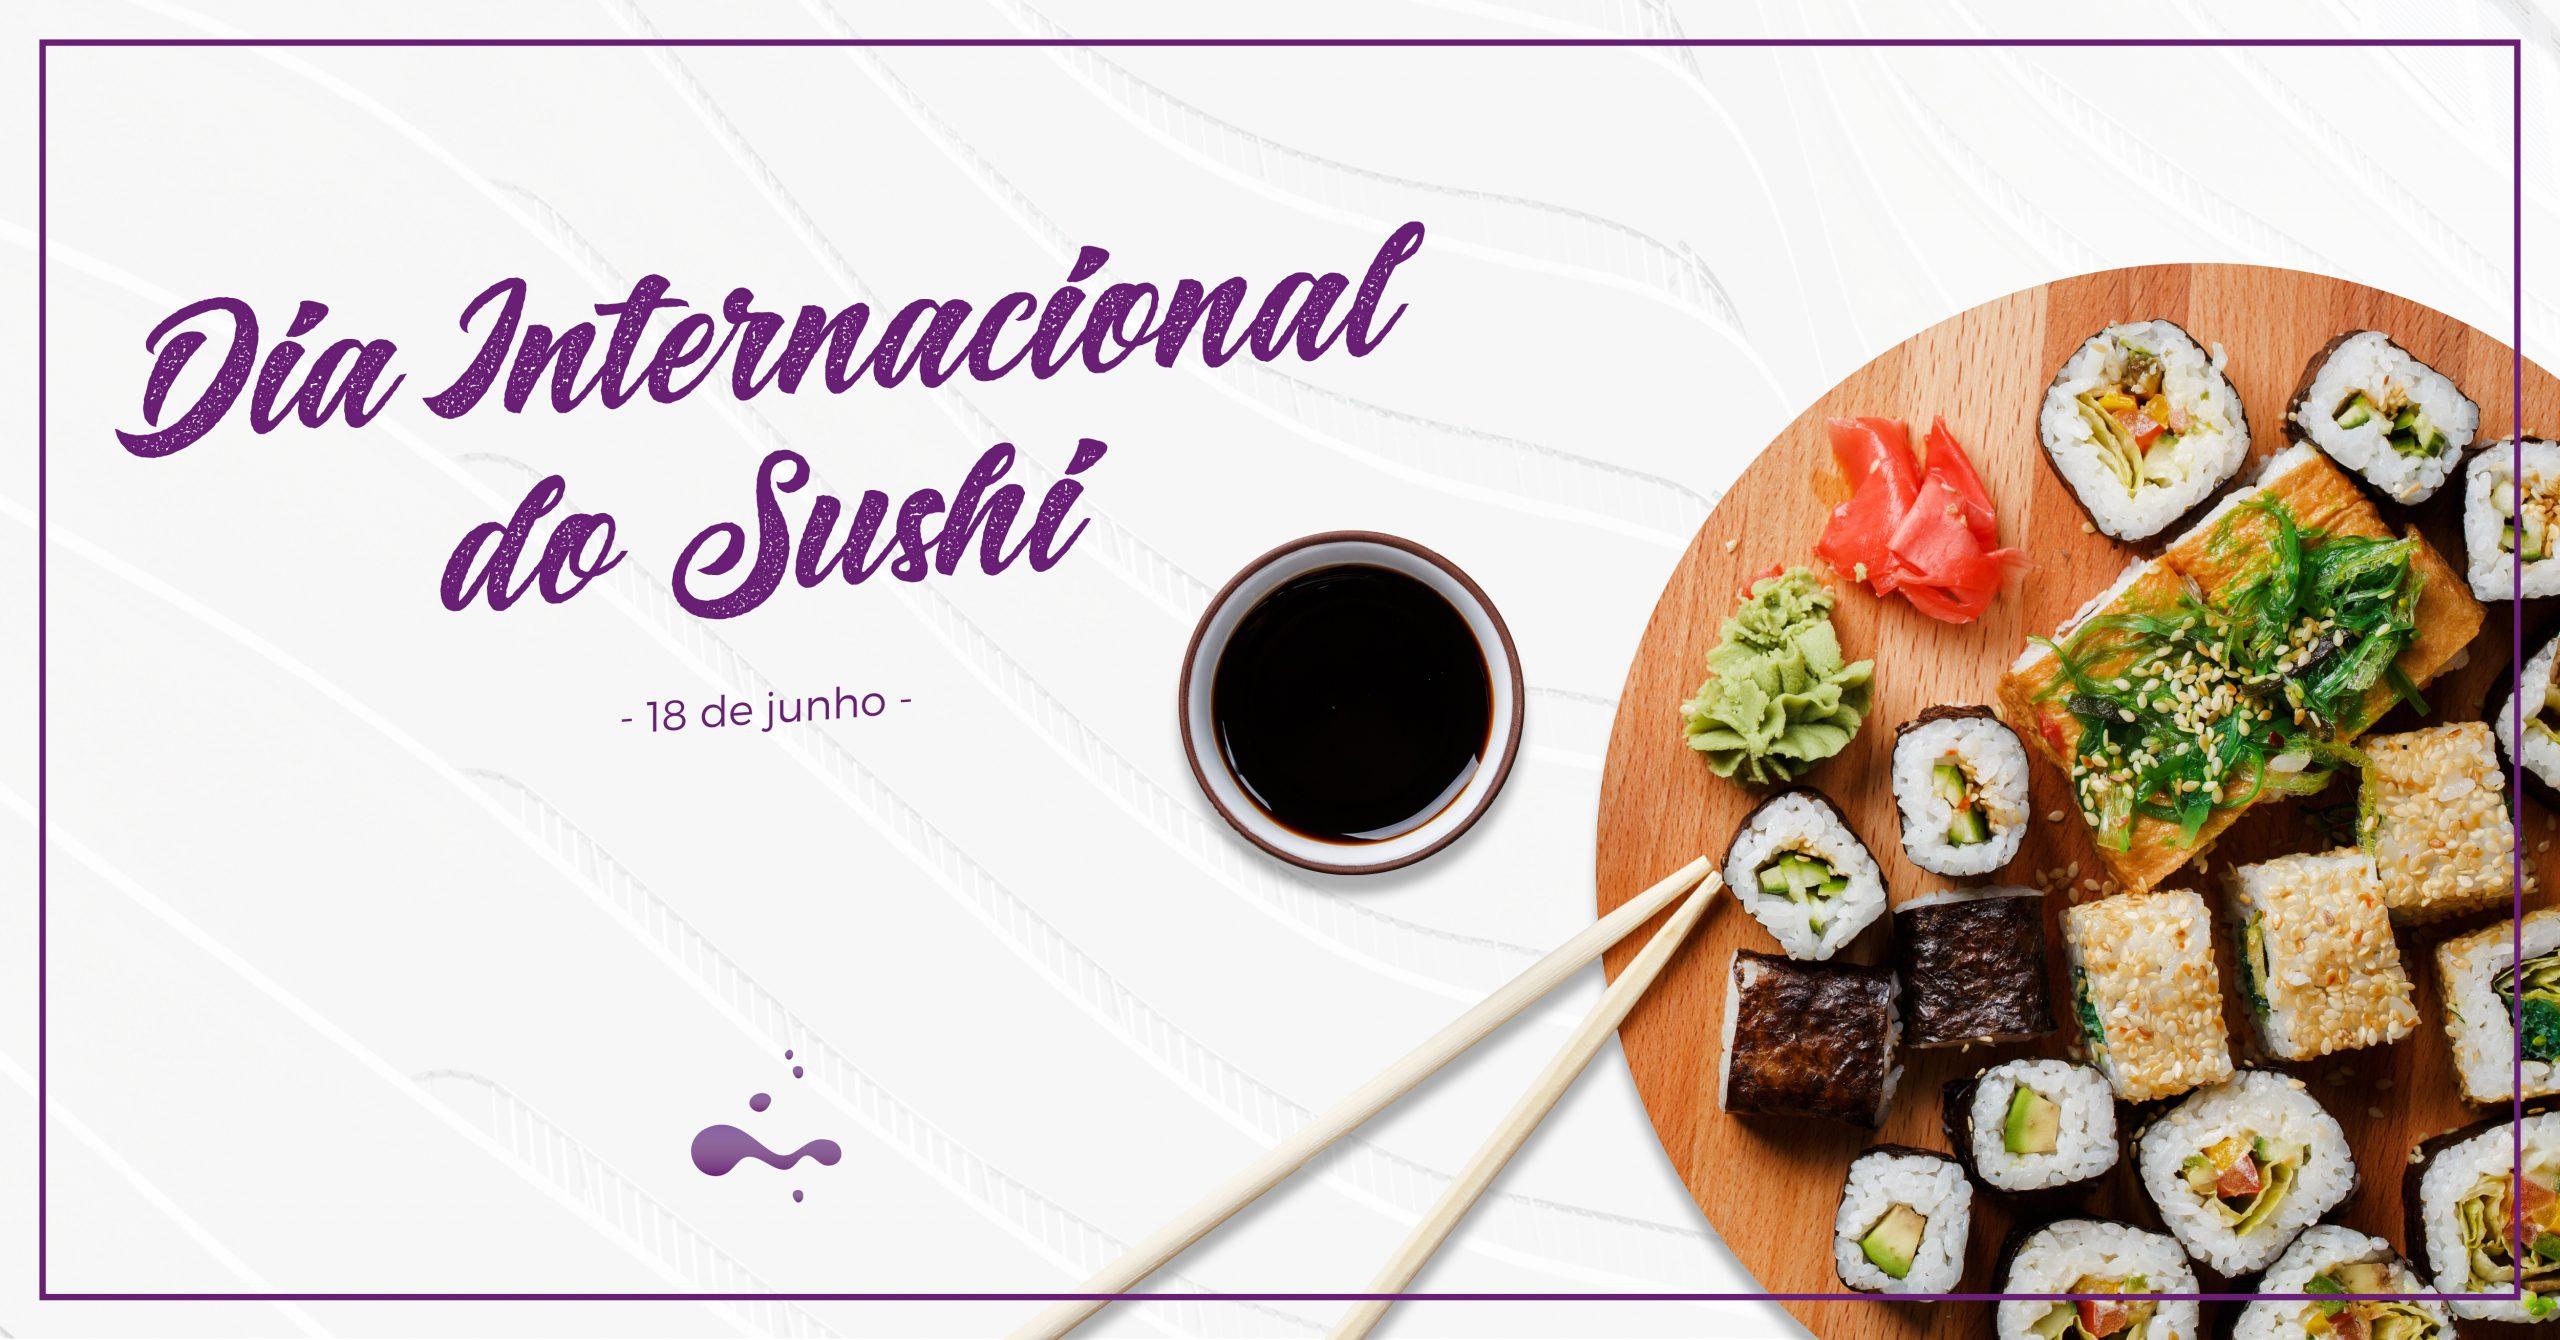 5 Dicas para uma refeição de sushi saudável